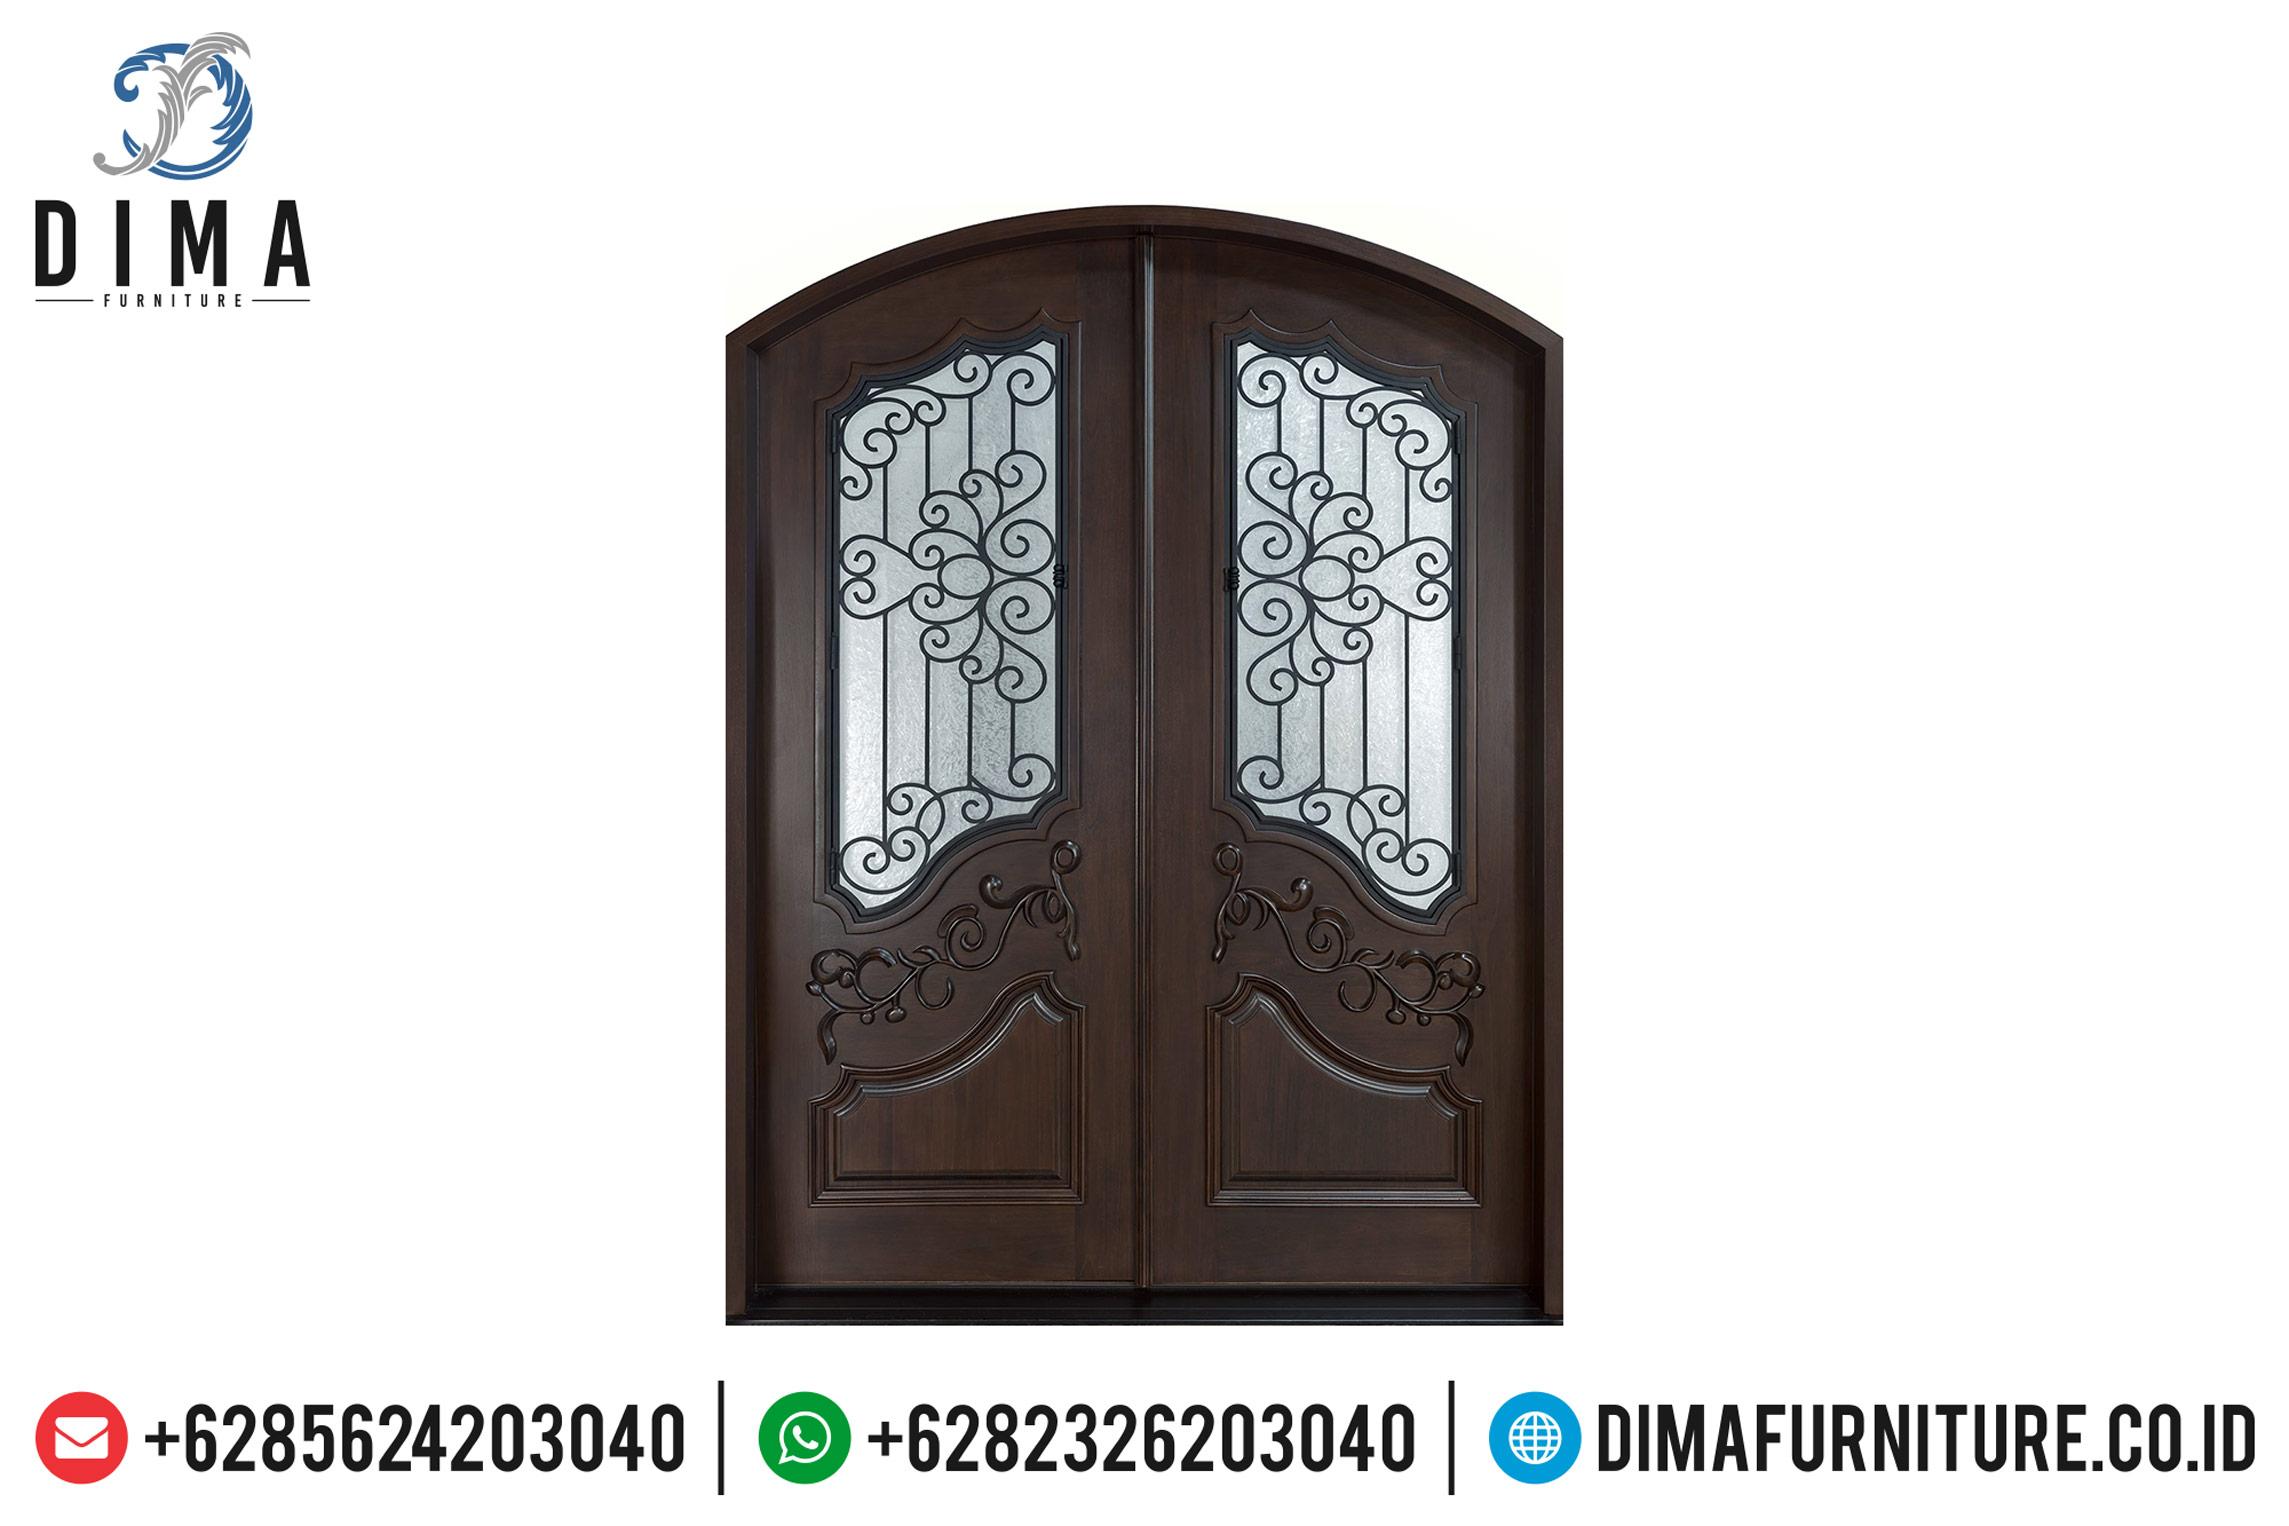 Model Pintu Rumah Utama Mewah Jati Natural New Design 2020 TTJ-0509